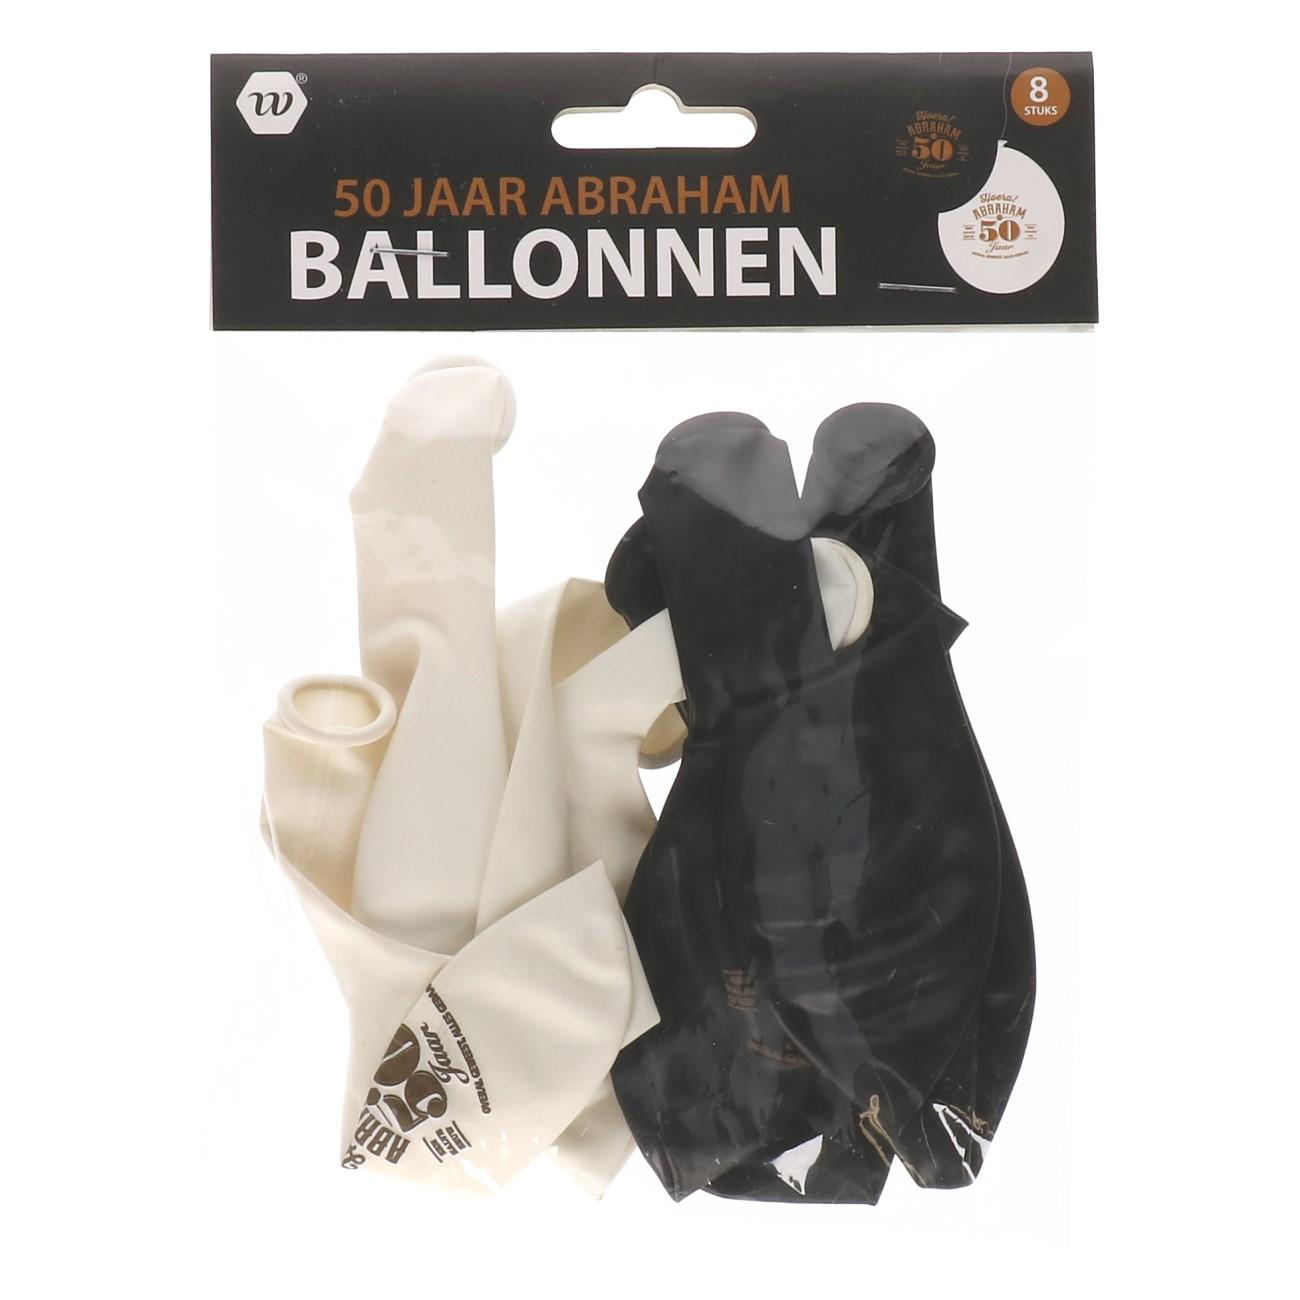 Ballonnen Abraham 50 jaar 8 stuks